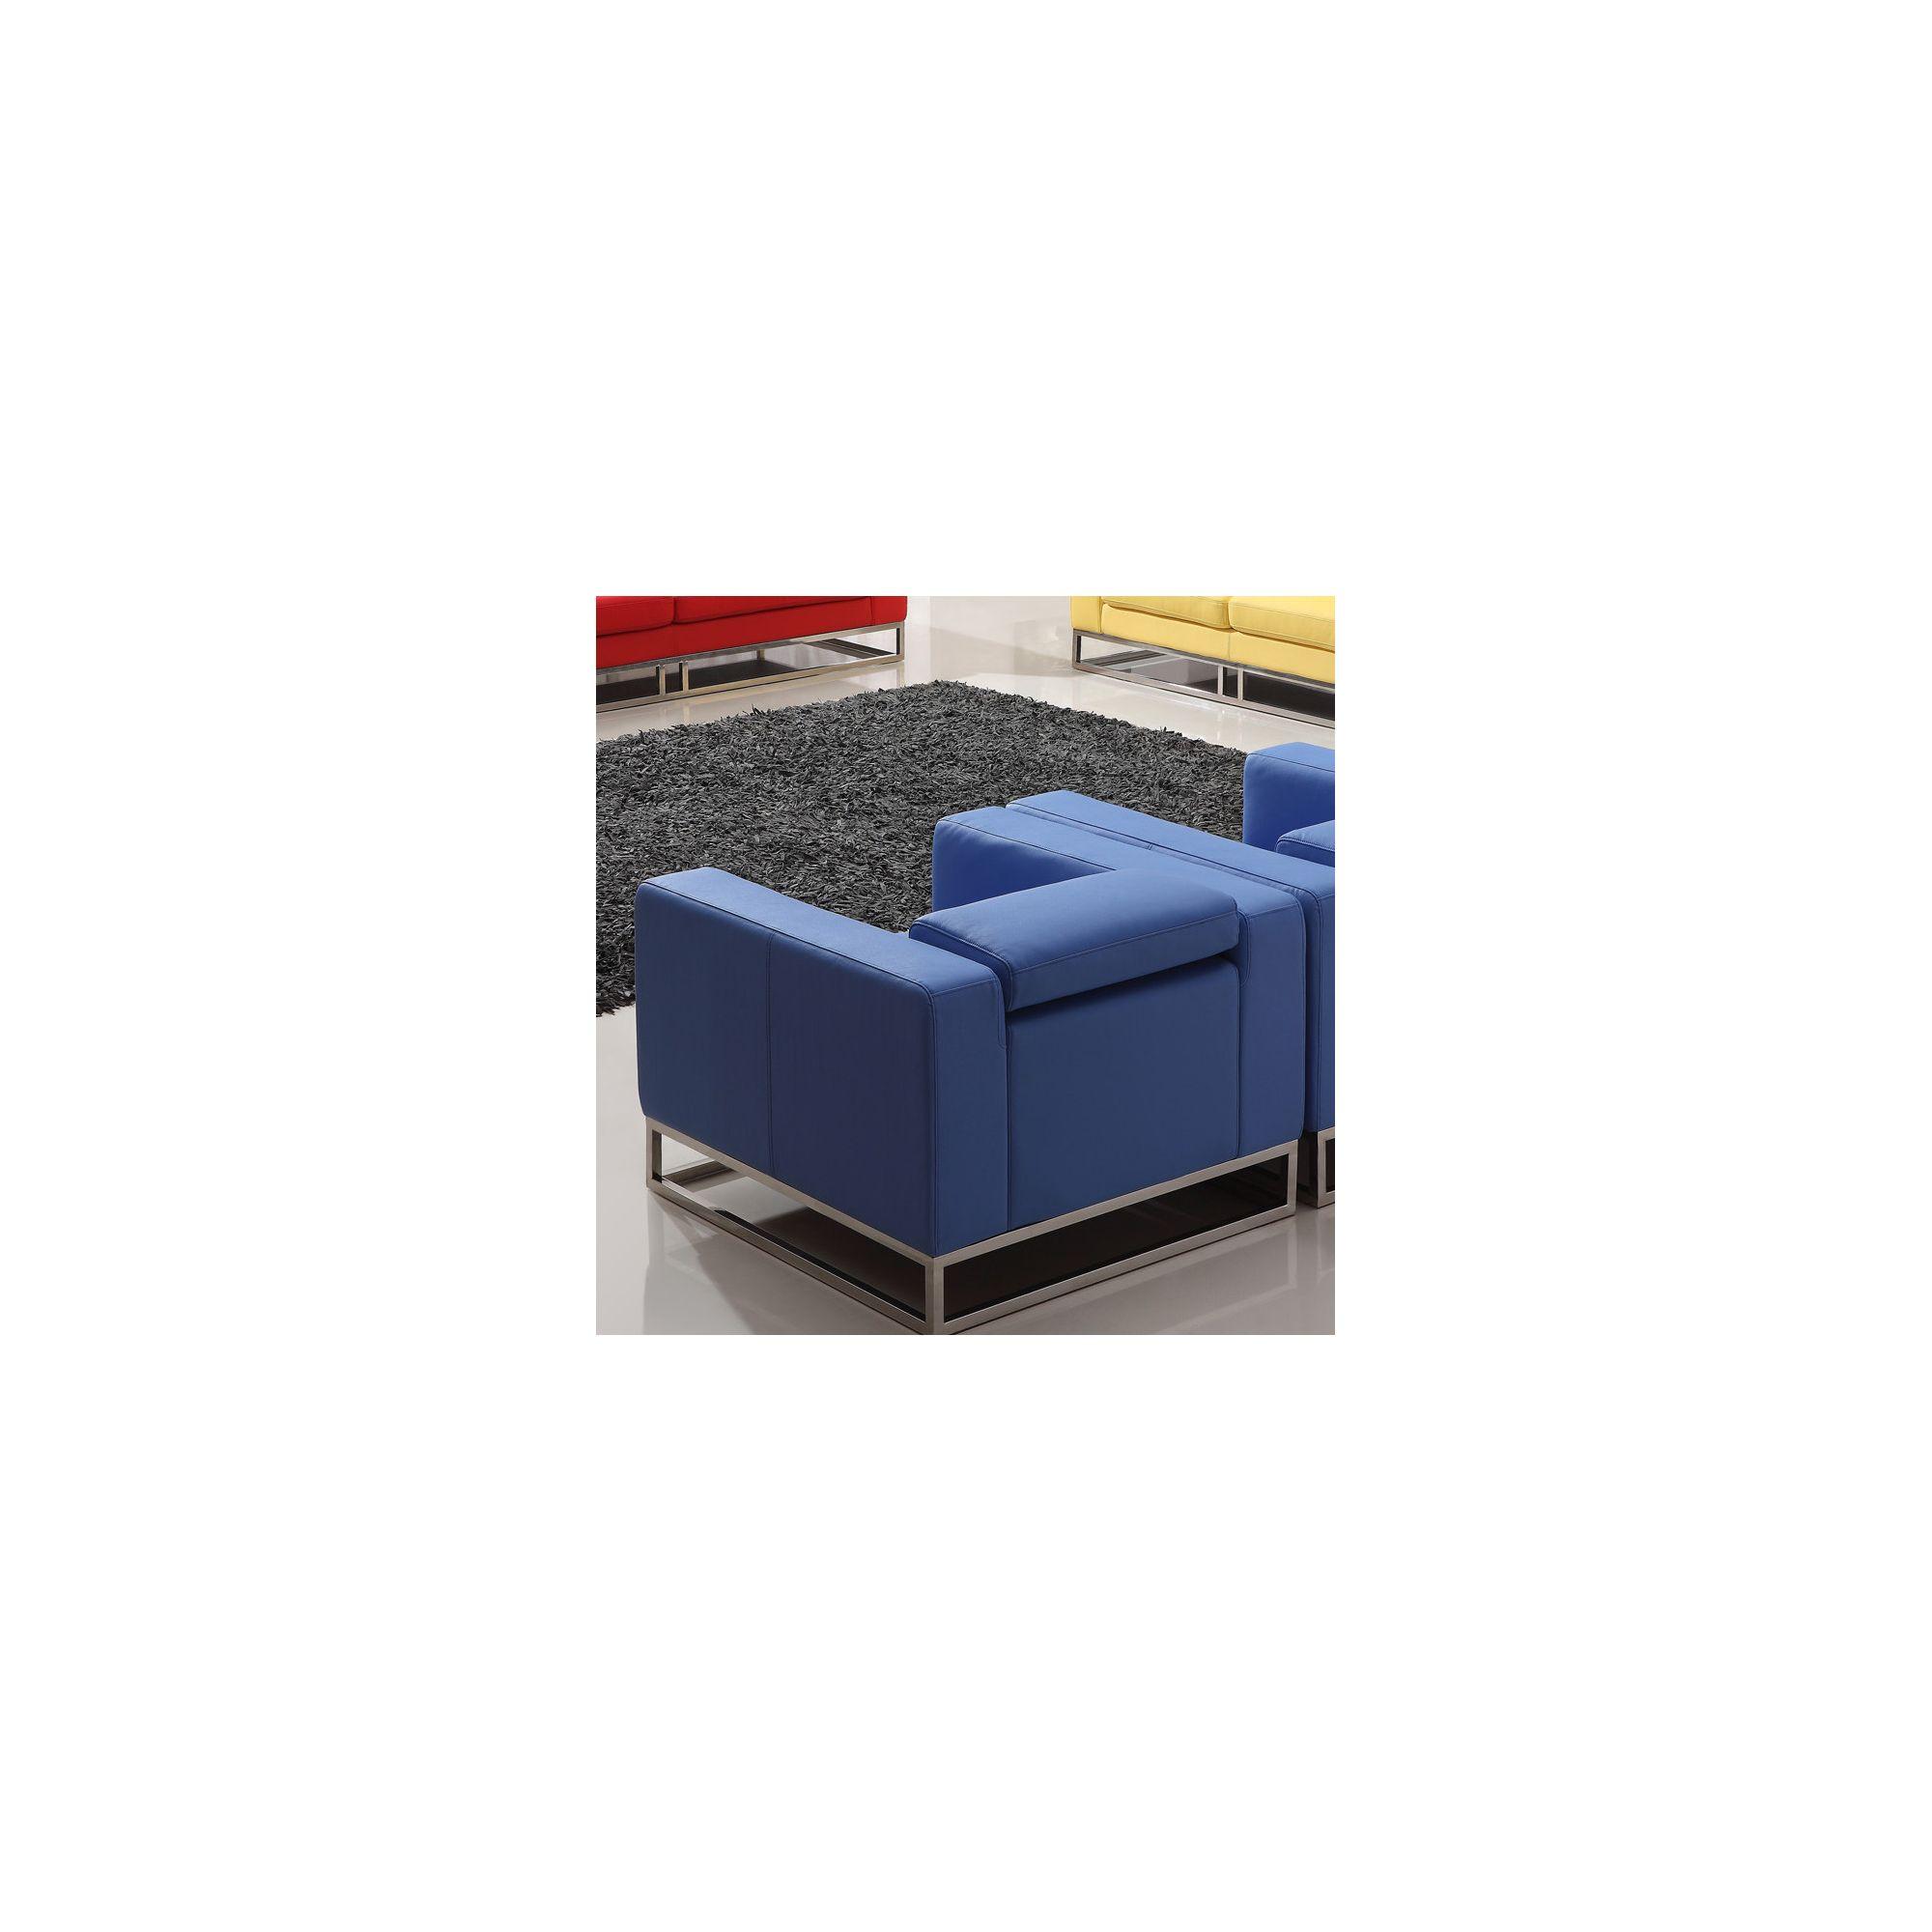 Giomani Designs WQ6876 Chair at Tesco Direct